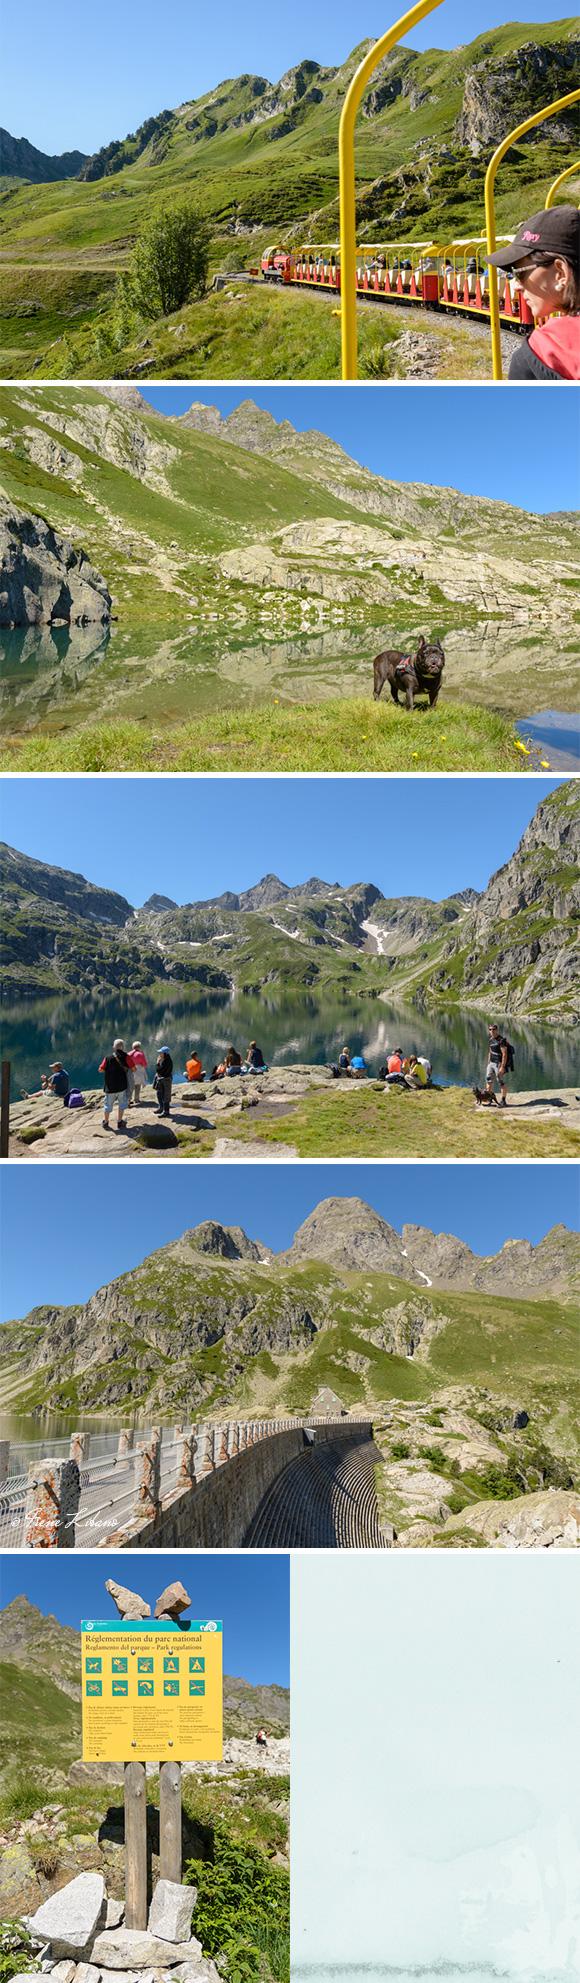 Petit Train d'Artouste, Lago Artouste, presa y el típico cartel de Parque Nacional